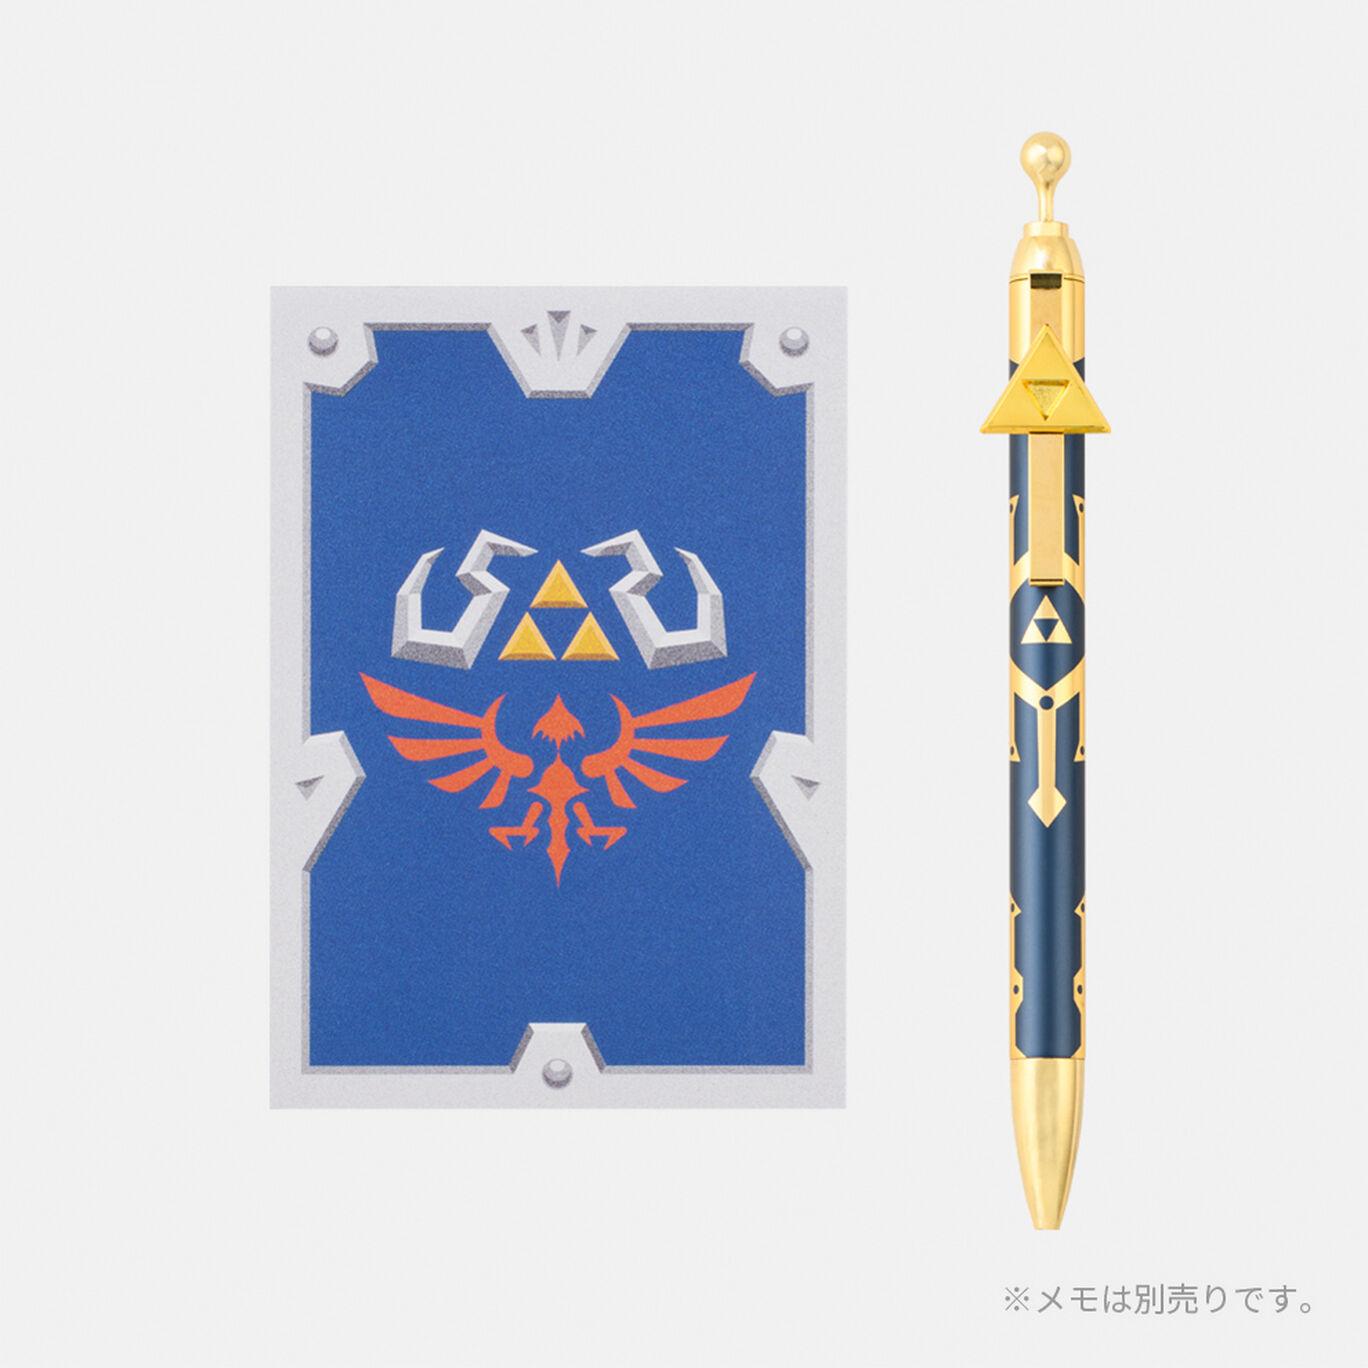 ボールペン 真のマスターソード ゼルダの伝説 スカイウォードソード HD【Nintendo TOKYO取り扱い商品】